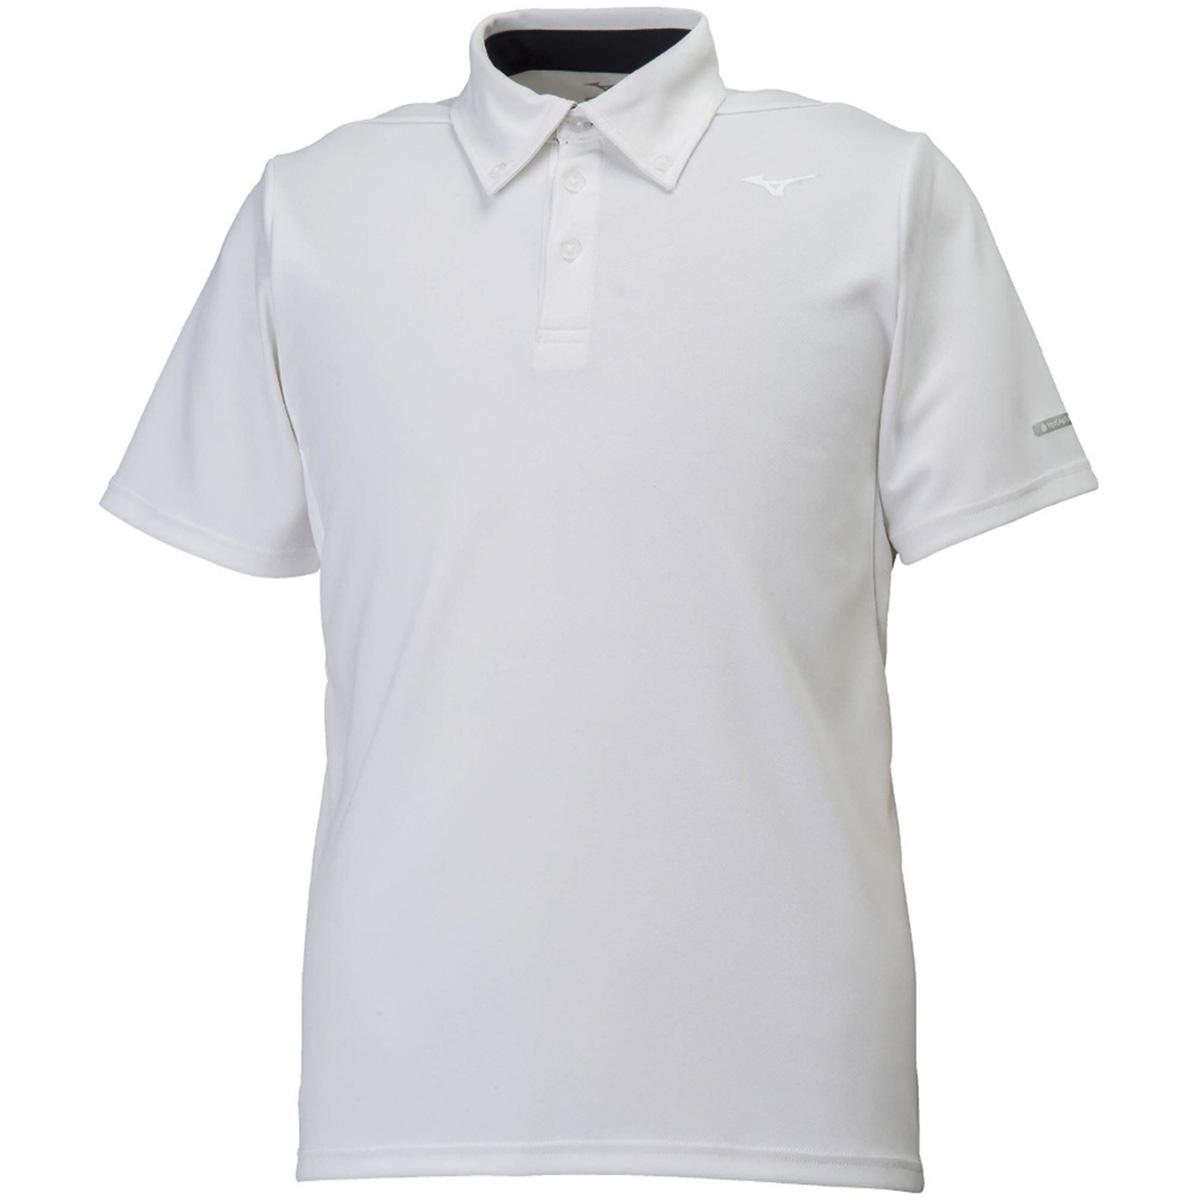 PG ハイドロ銀チタン 半袖ポロシャツ